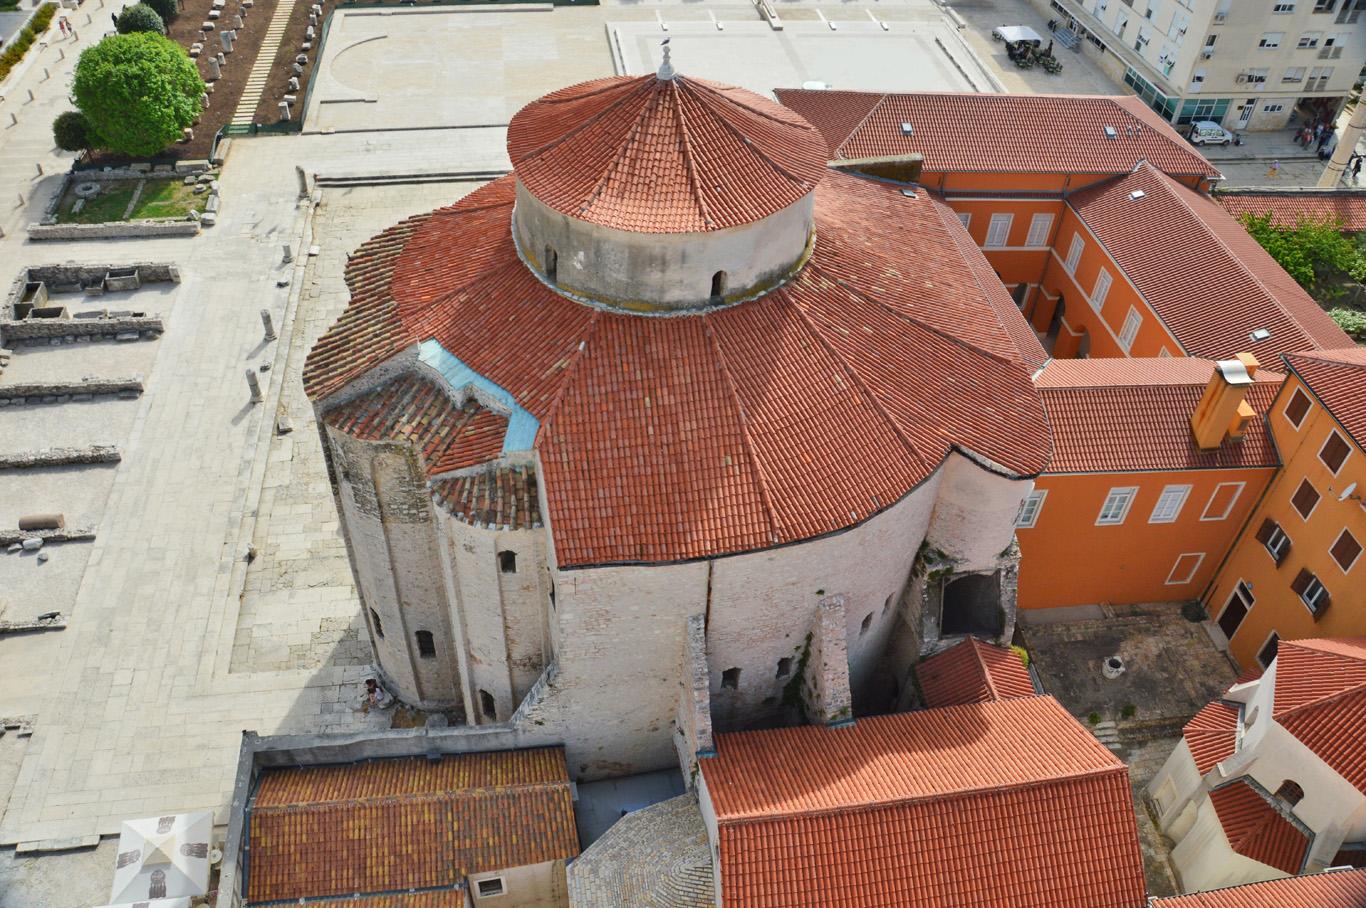 Zadar in Croatia